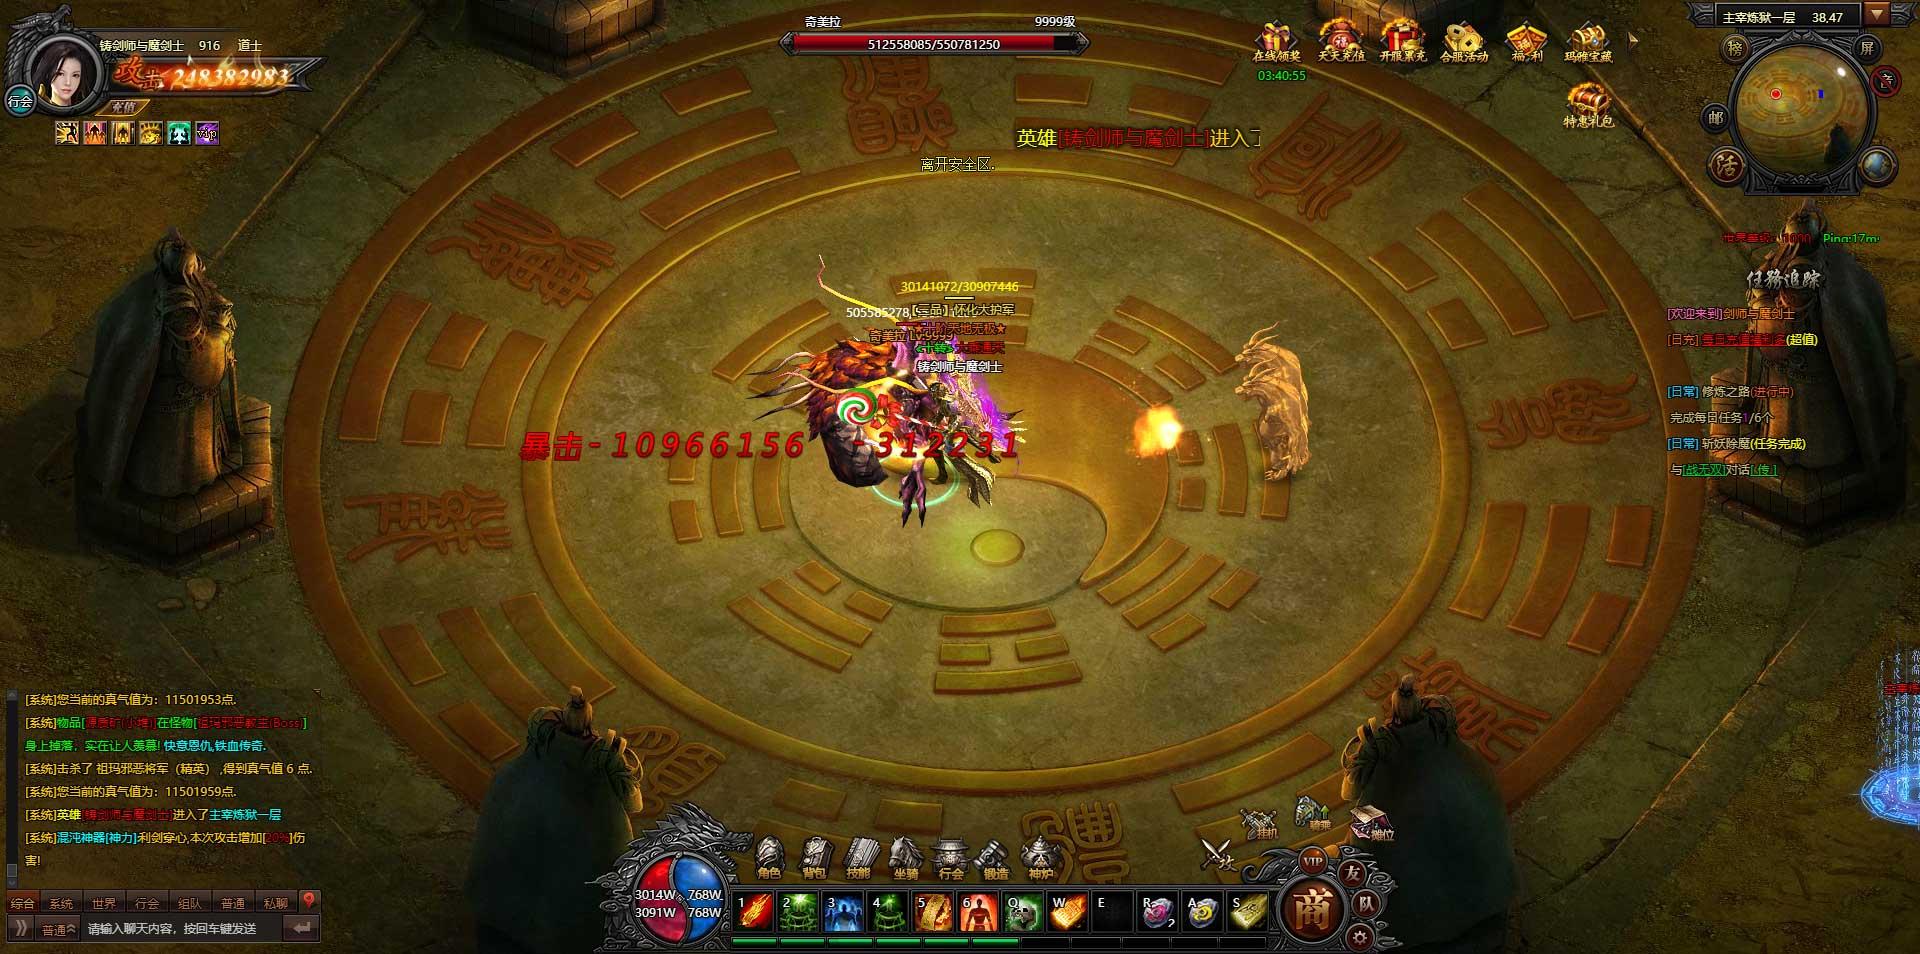 铸剑师与魔剑士游戏截图2